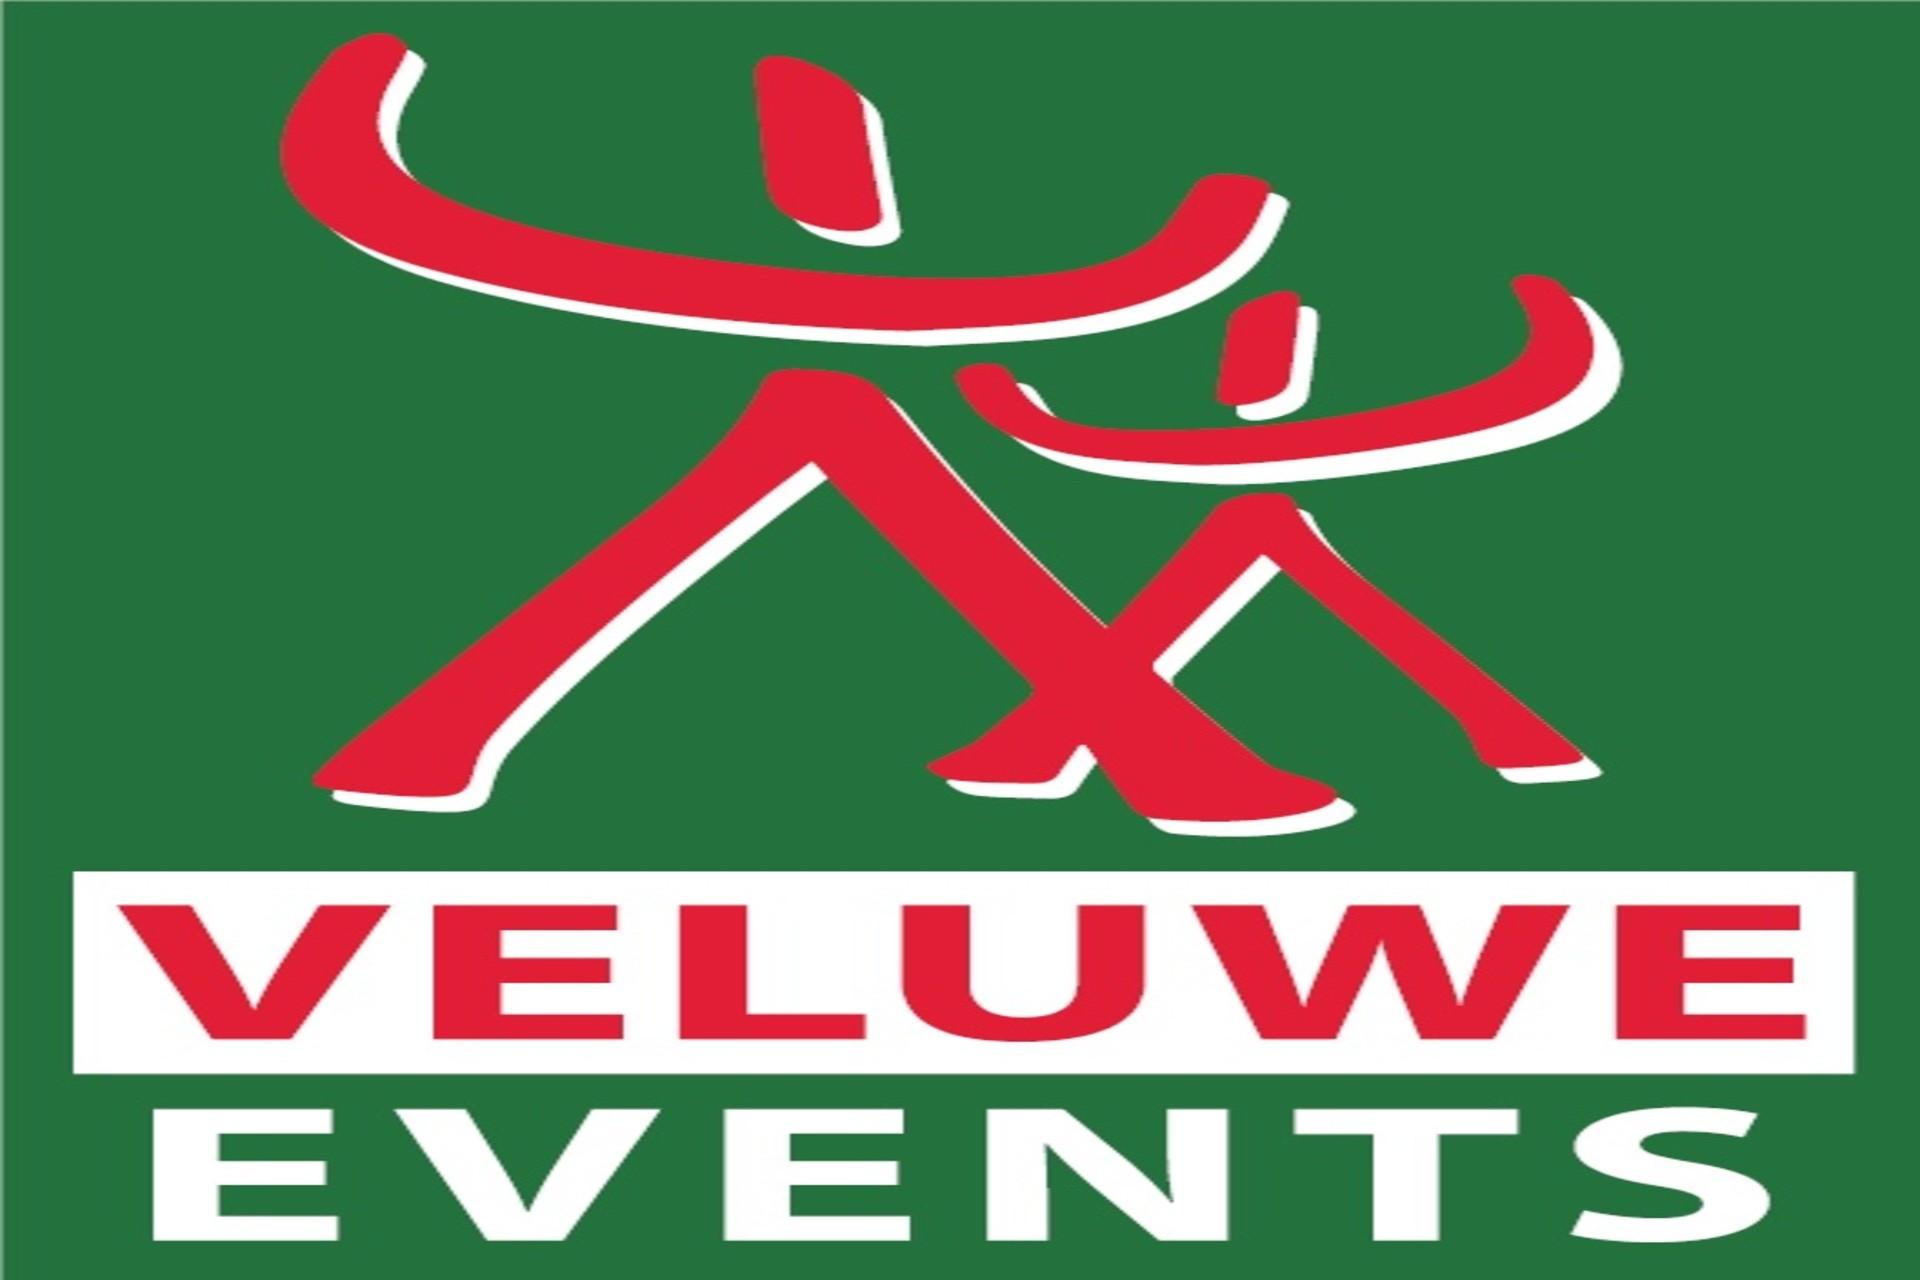 Veluwe Events